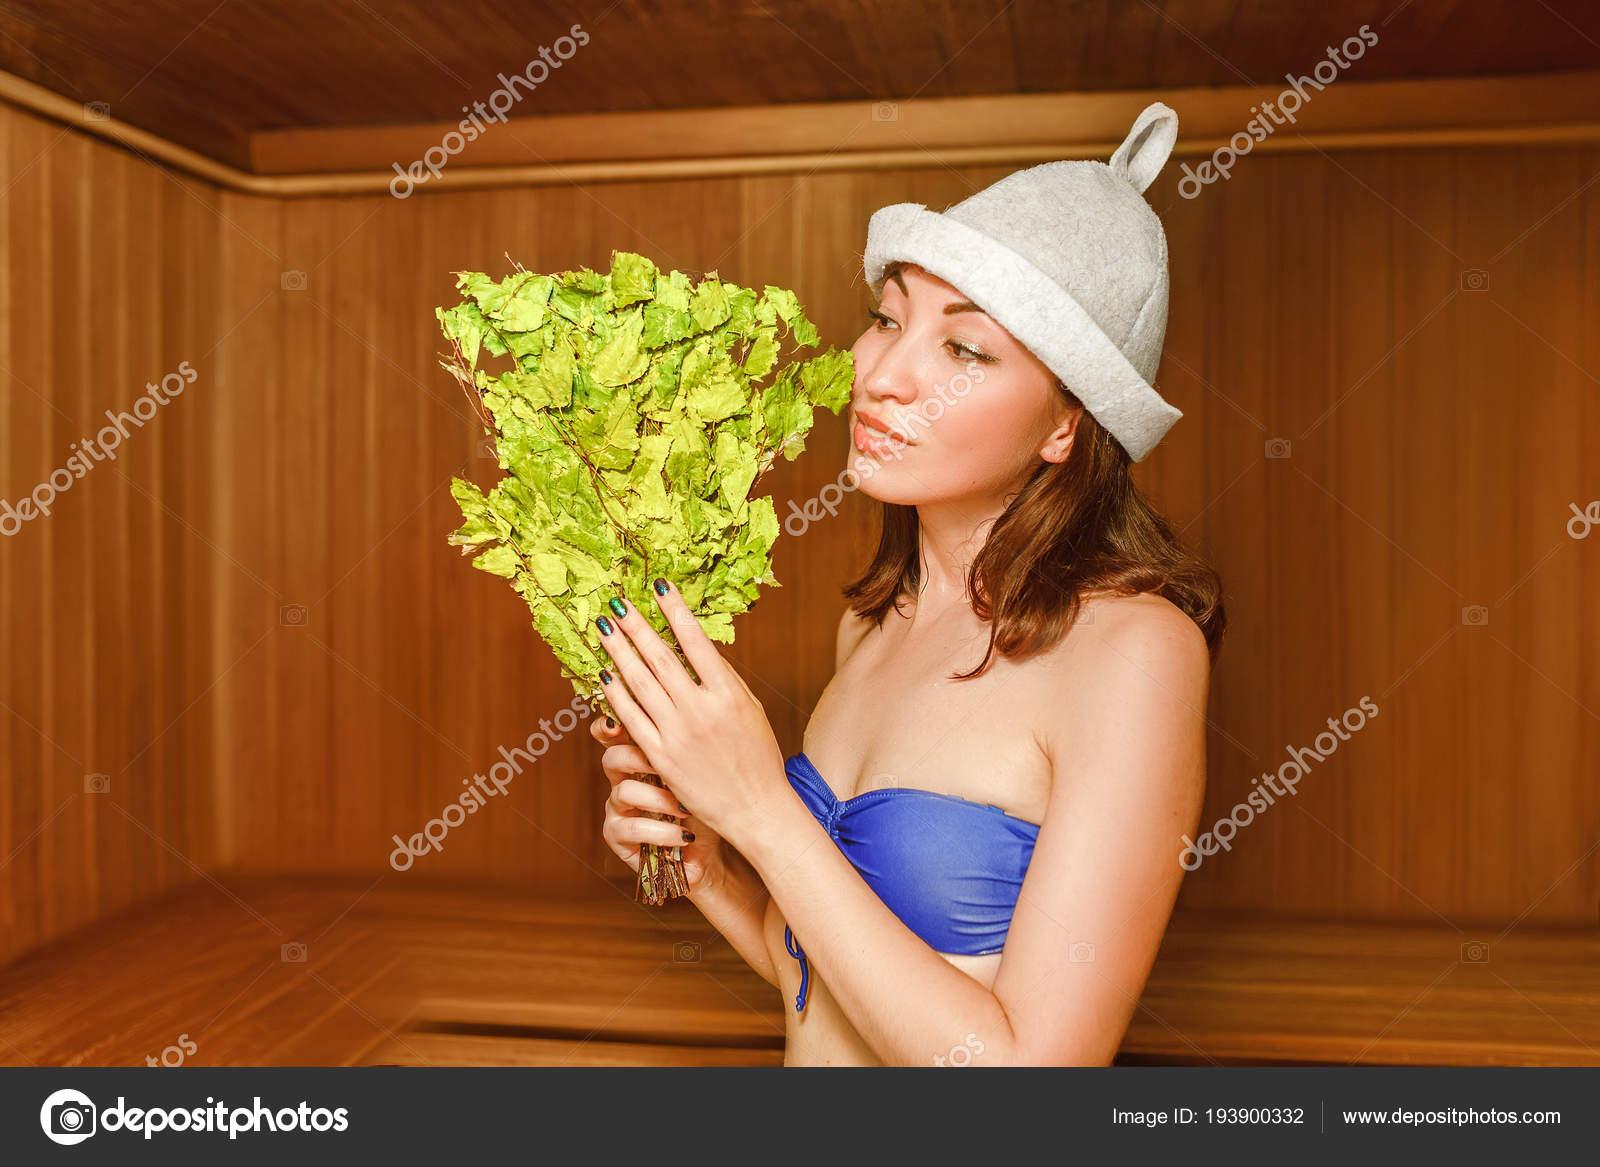 Chloe vevrier lingerie